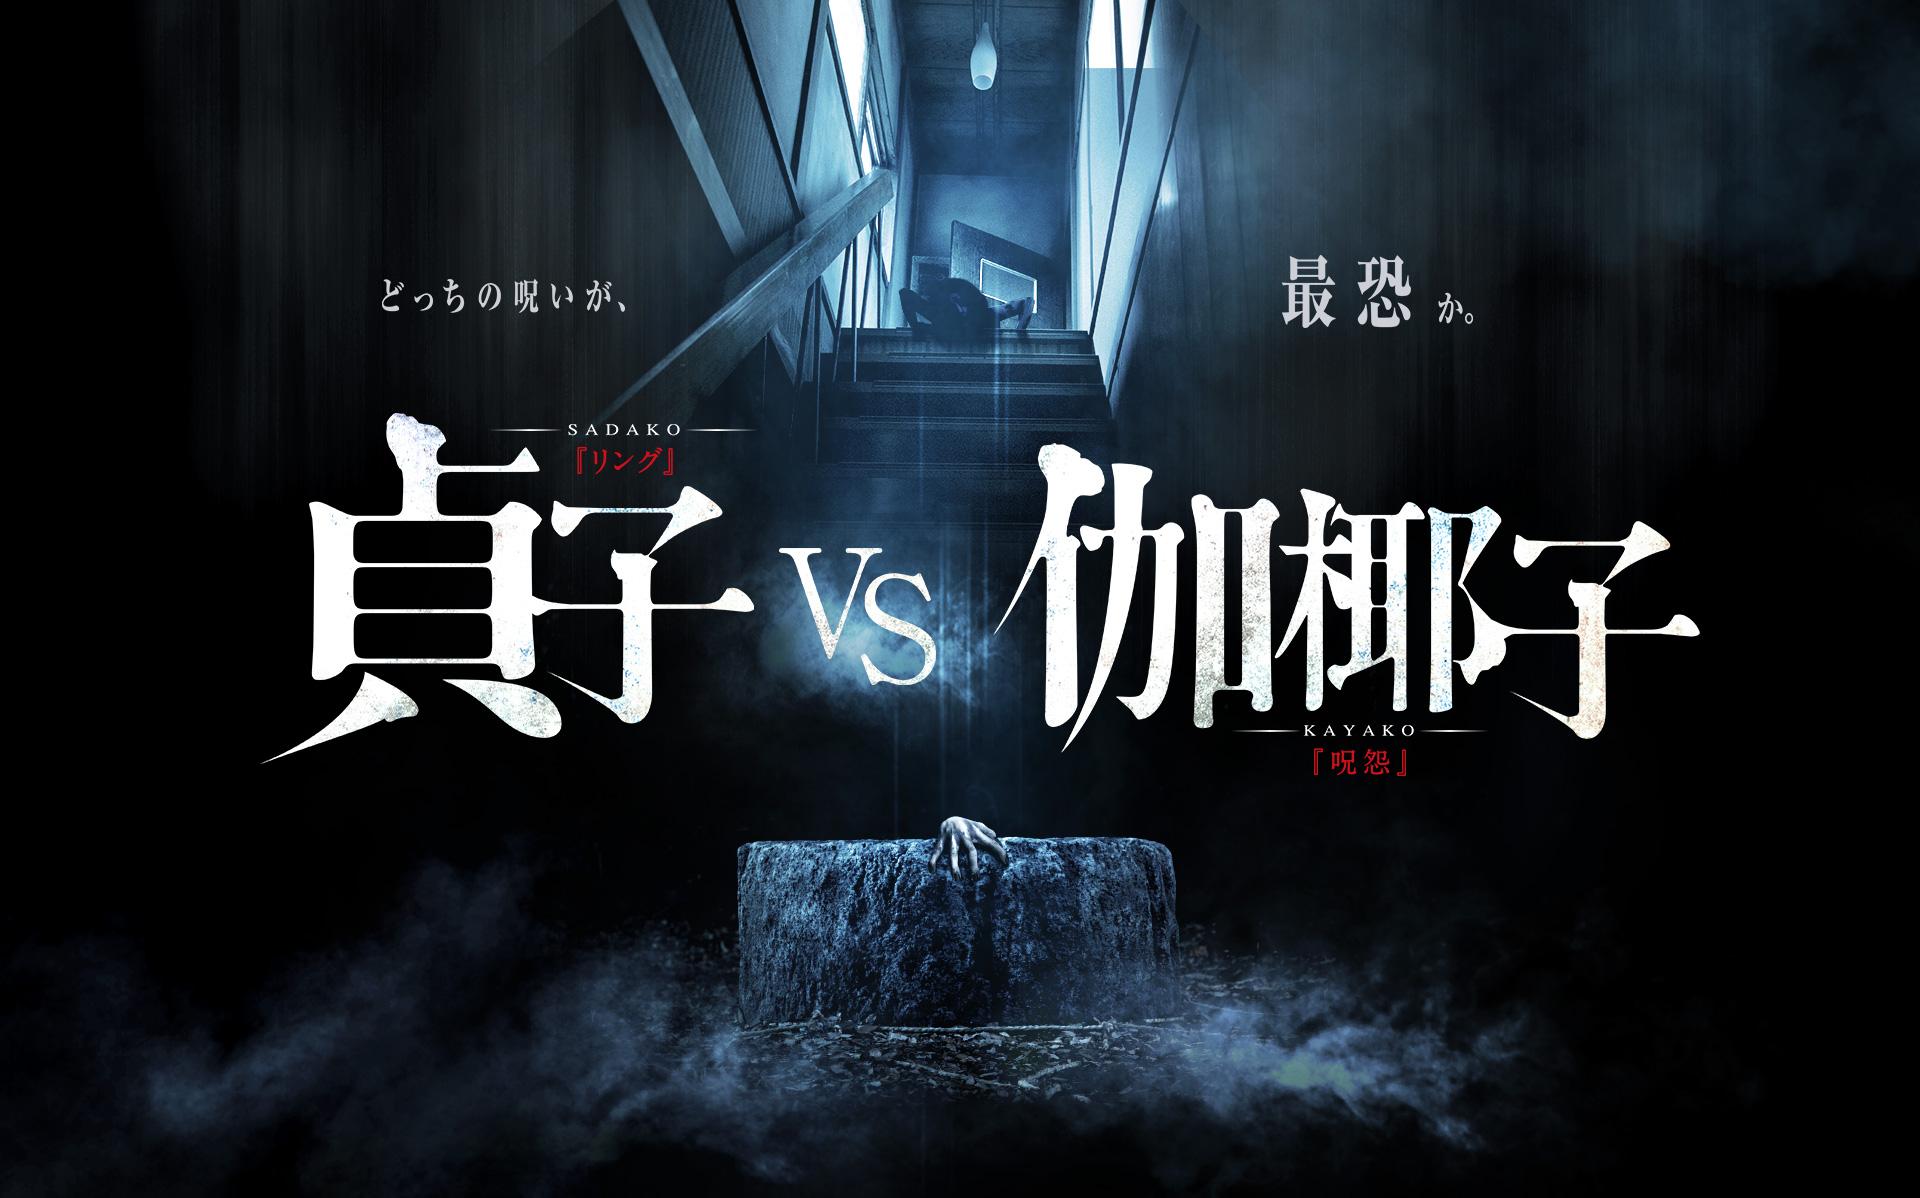 Saiu o novo trailer de Sadako vs Kayako (O Chamado vs O Grito)